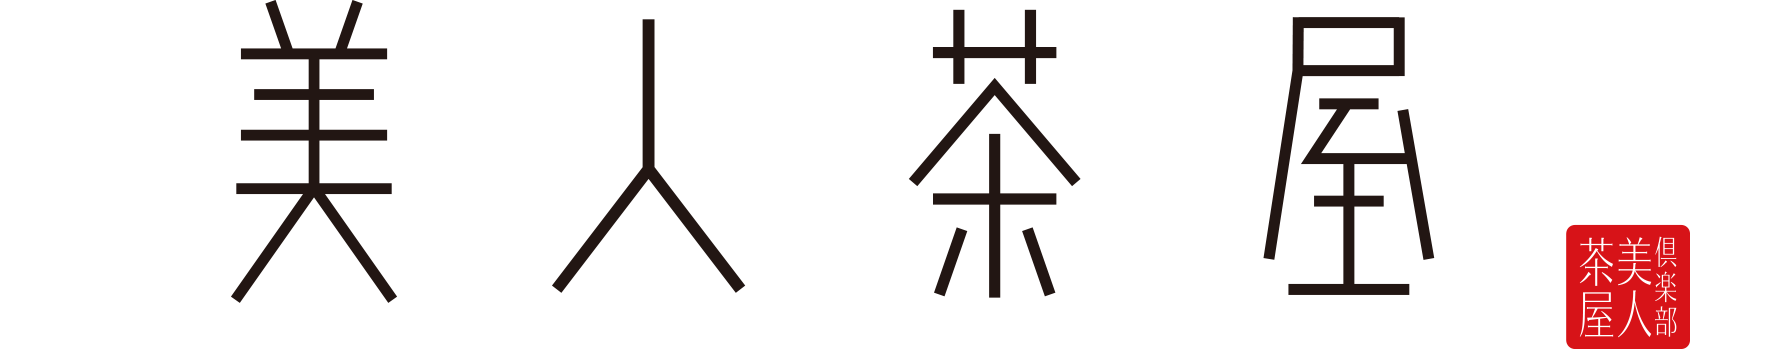 美人茶屋 新宿【ビジンチャヤ シンジュク】(新宿)のロゴ